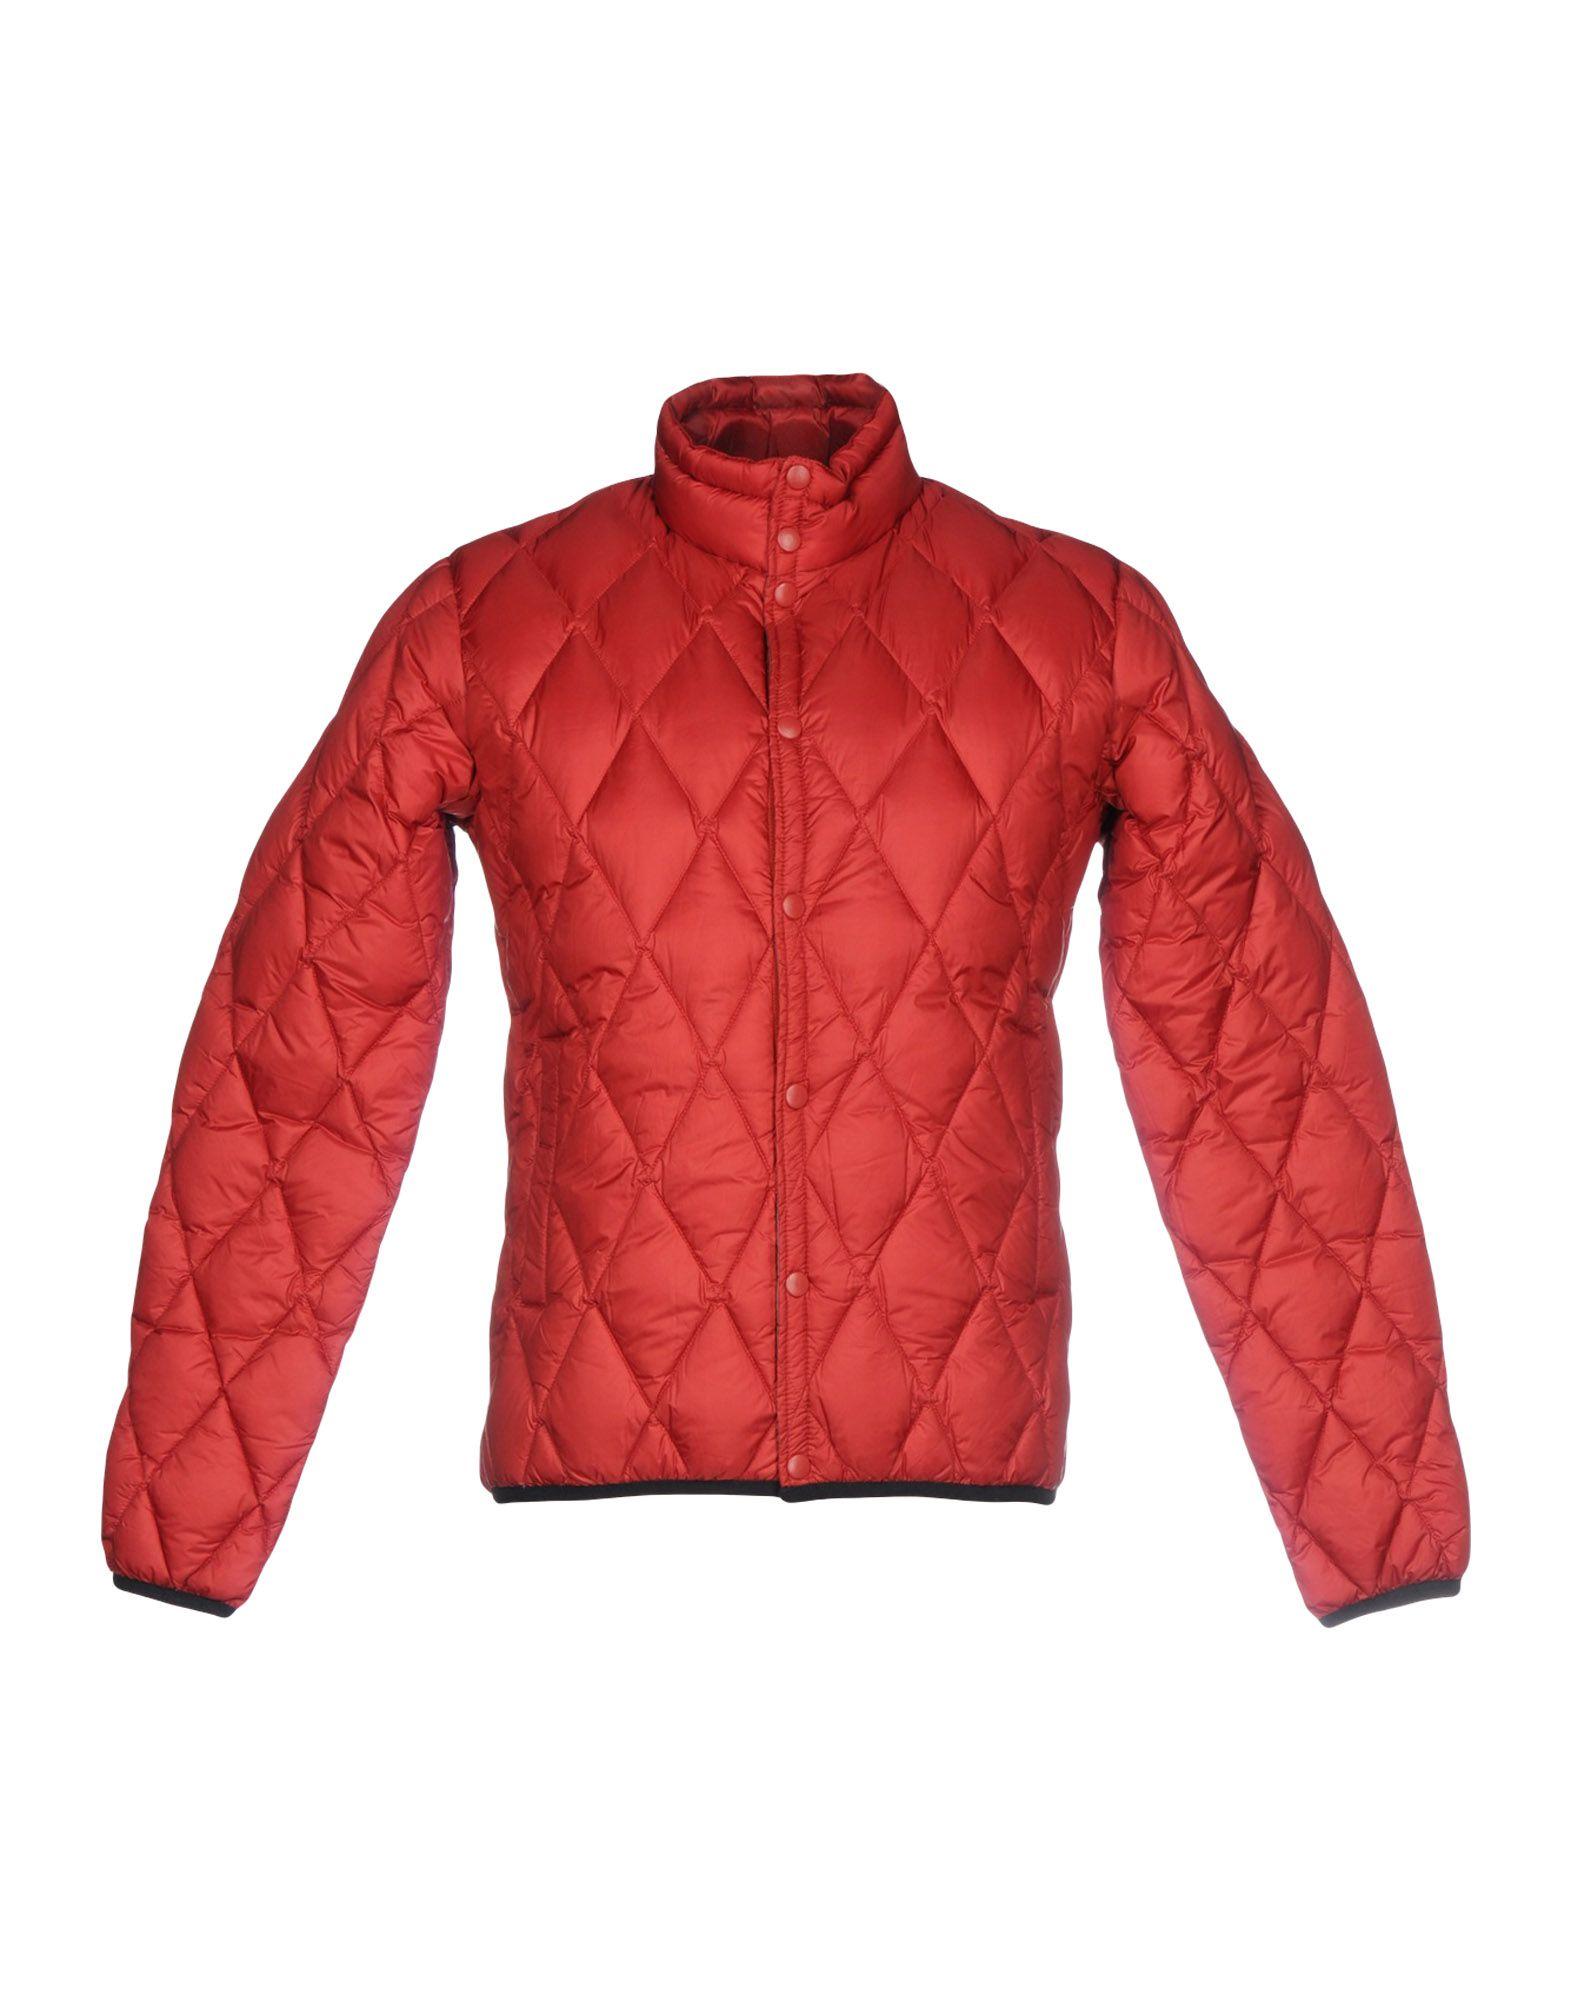 《送料無料》BPD BE PROUD OF THIS DRESS メンズ ダウンジャケット ボルドー S ナイロン 100%